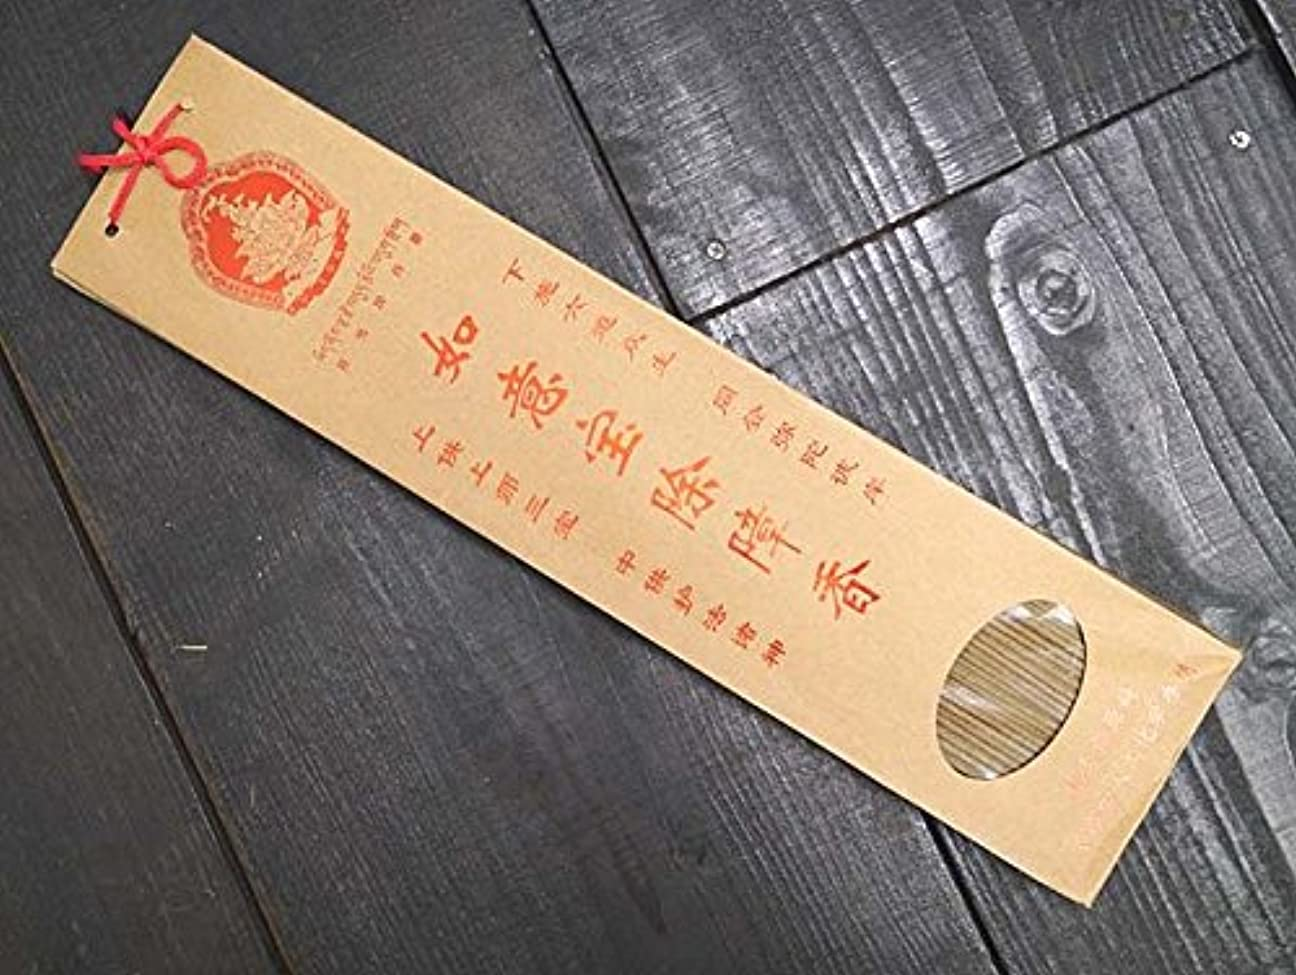 誓う飲み込む和解する如意宝 中国湖北省武漢市で作られる除障香【如意宝除障香】